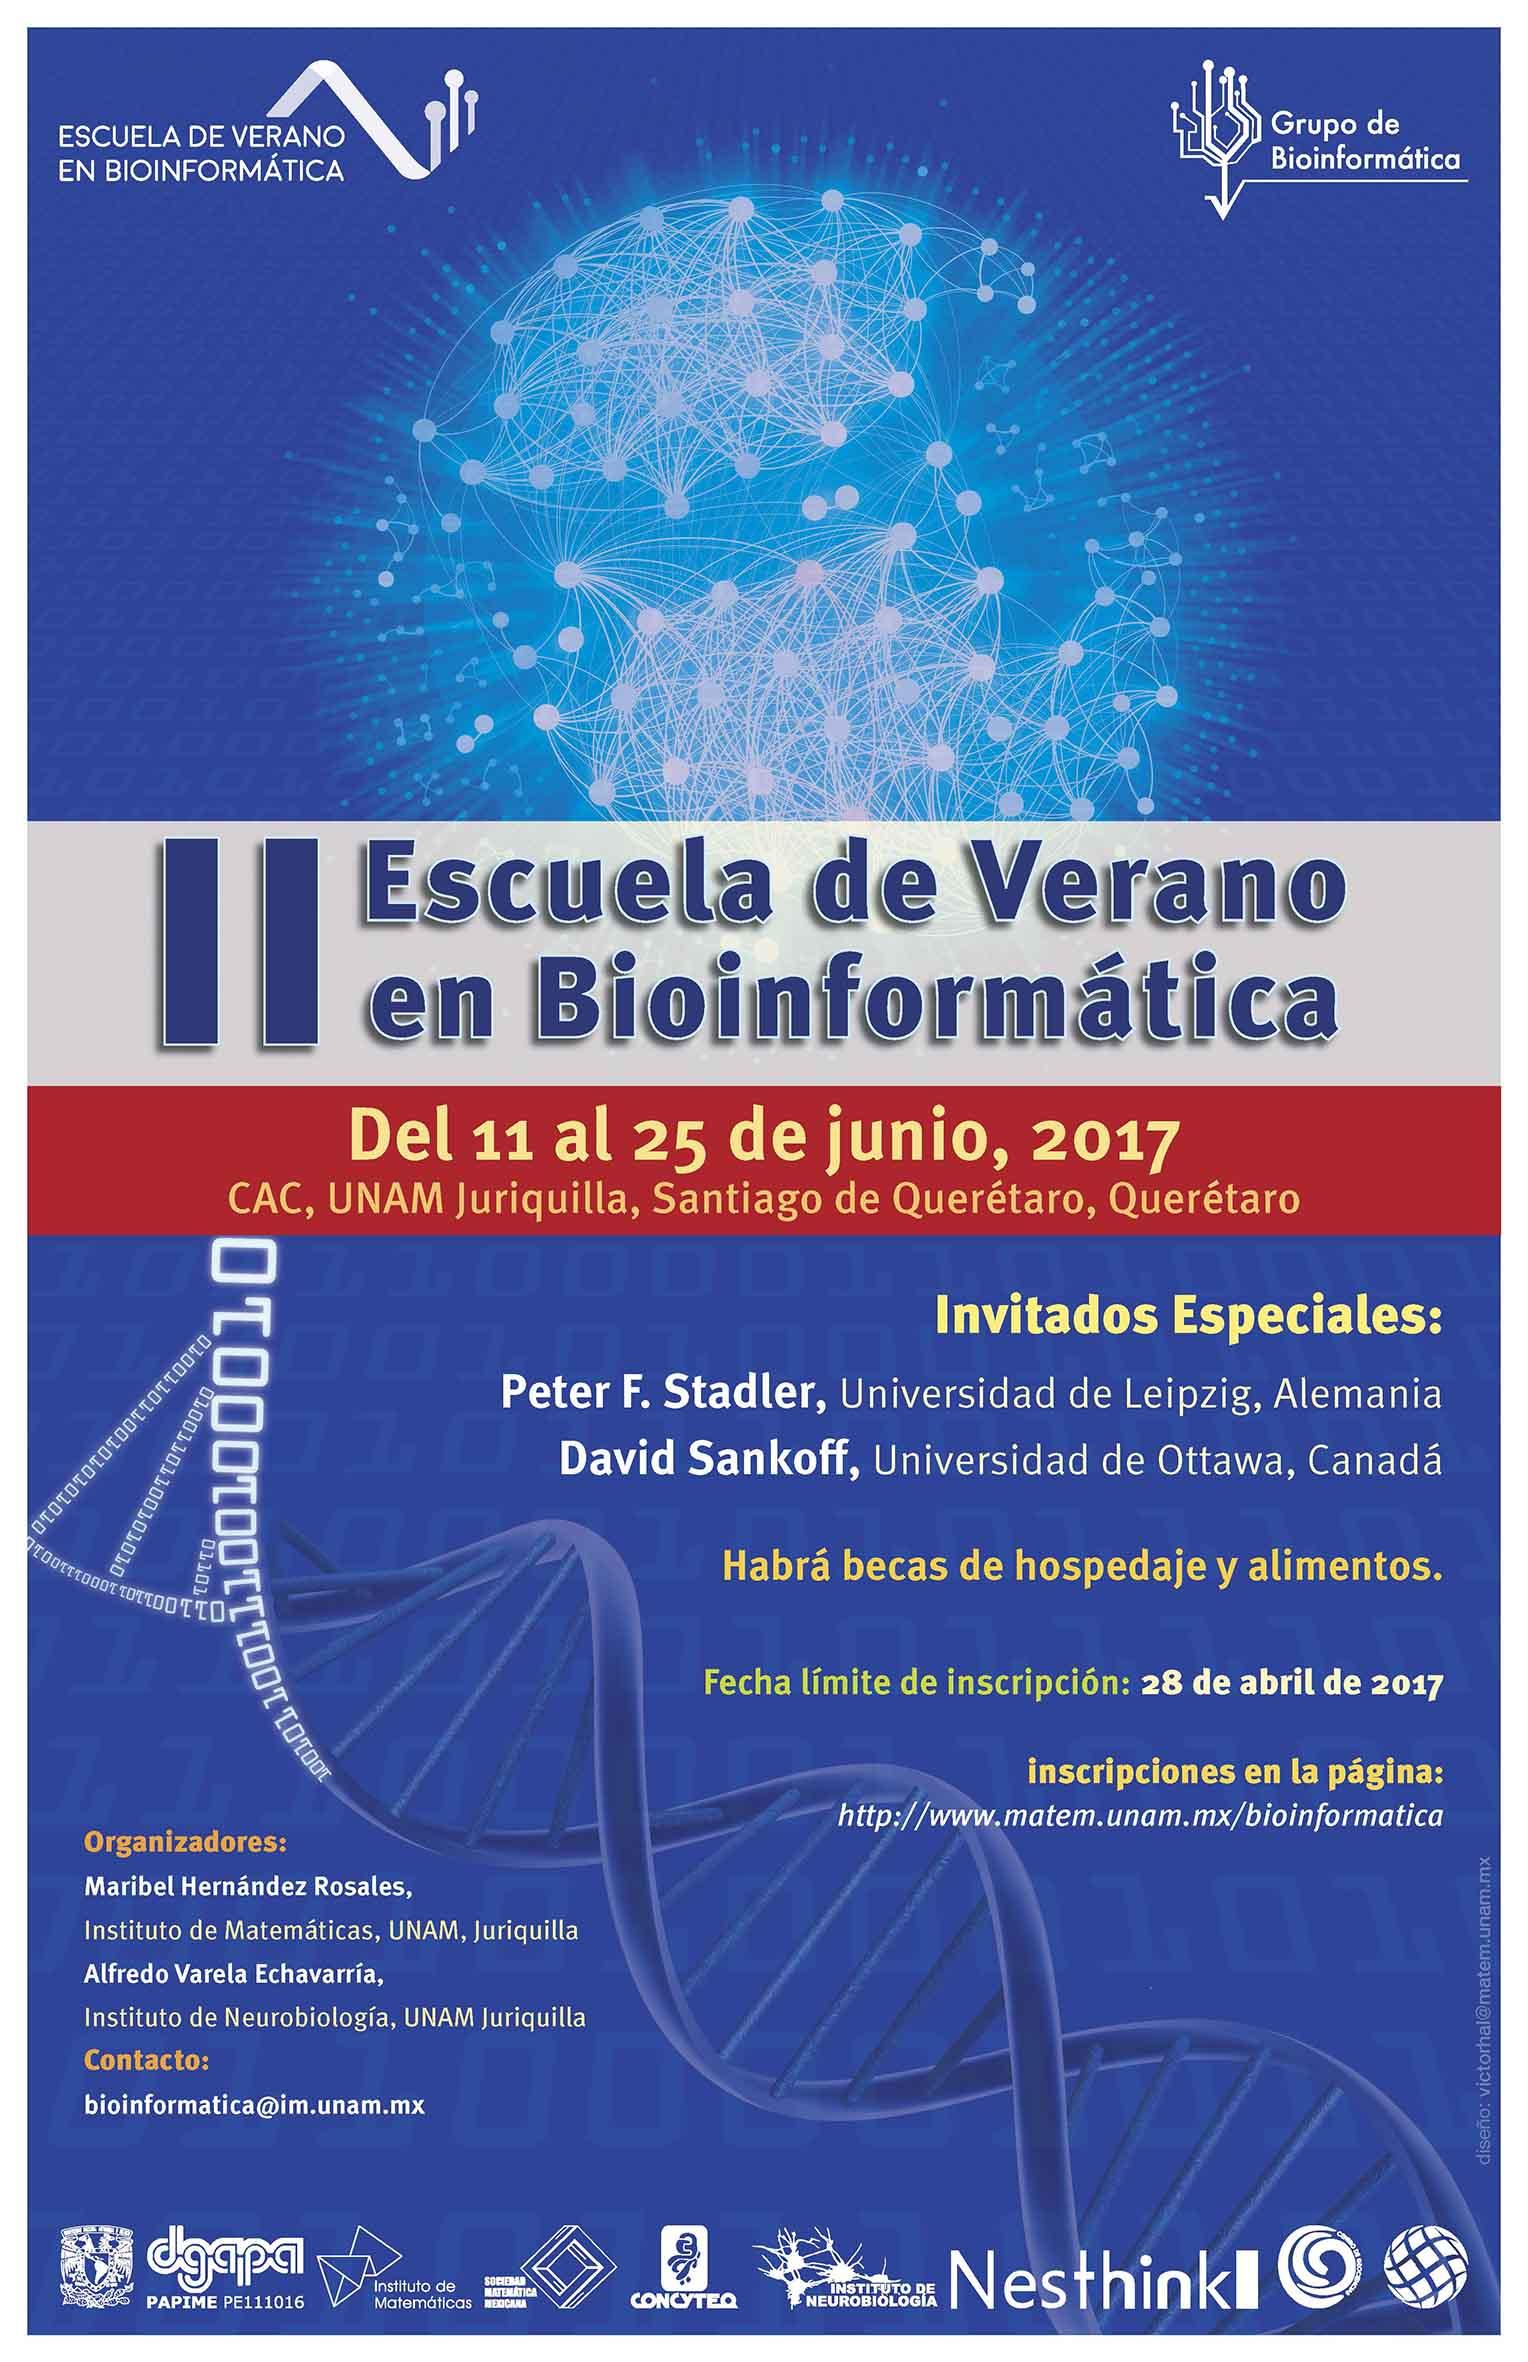 II Escuela de Verano en Bioinformática